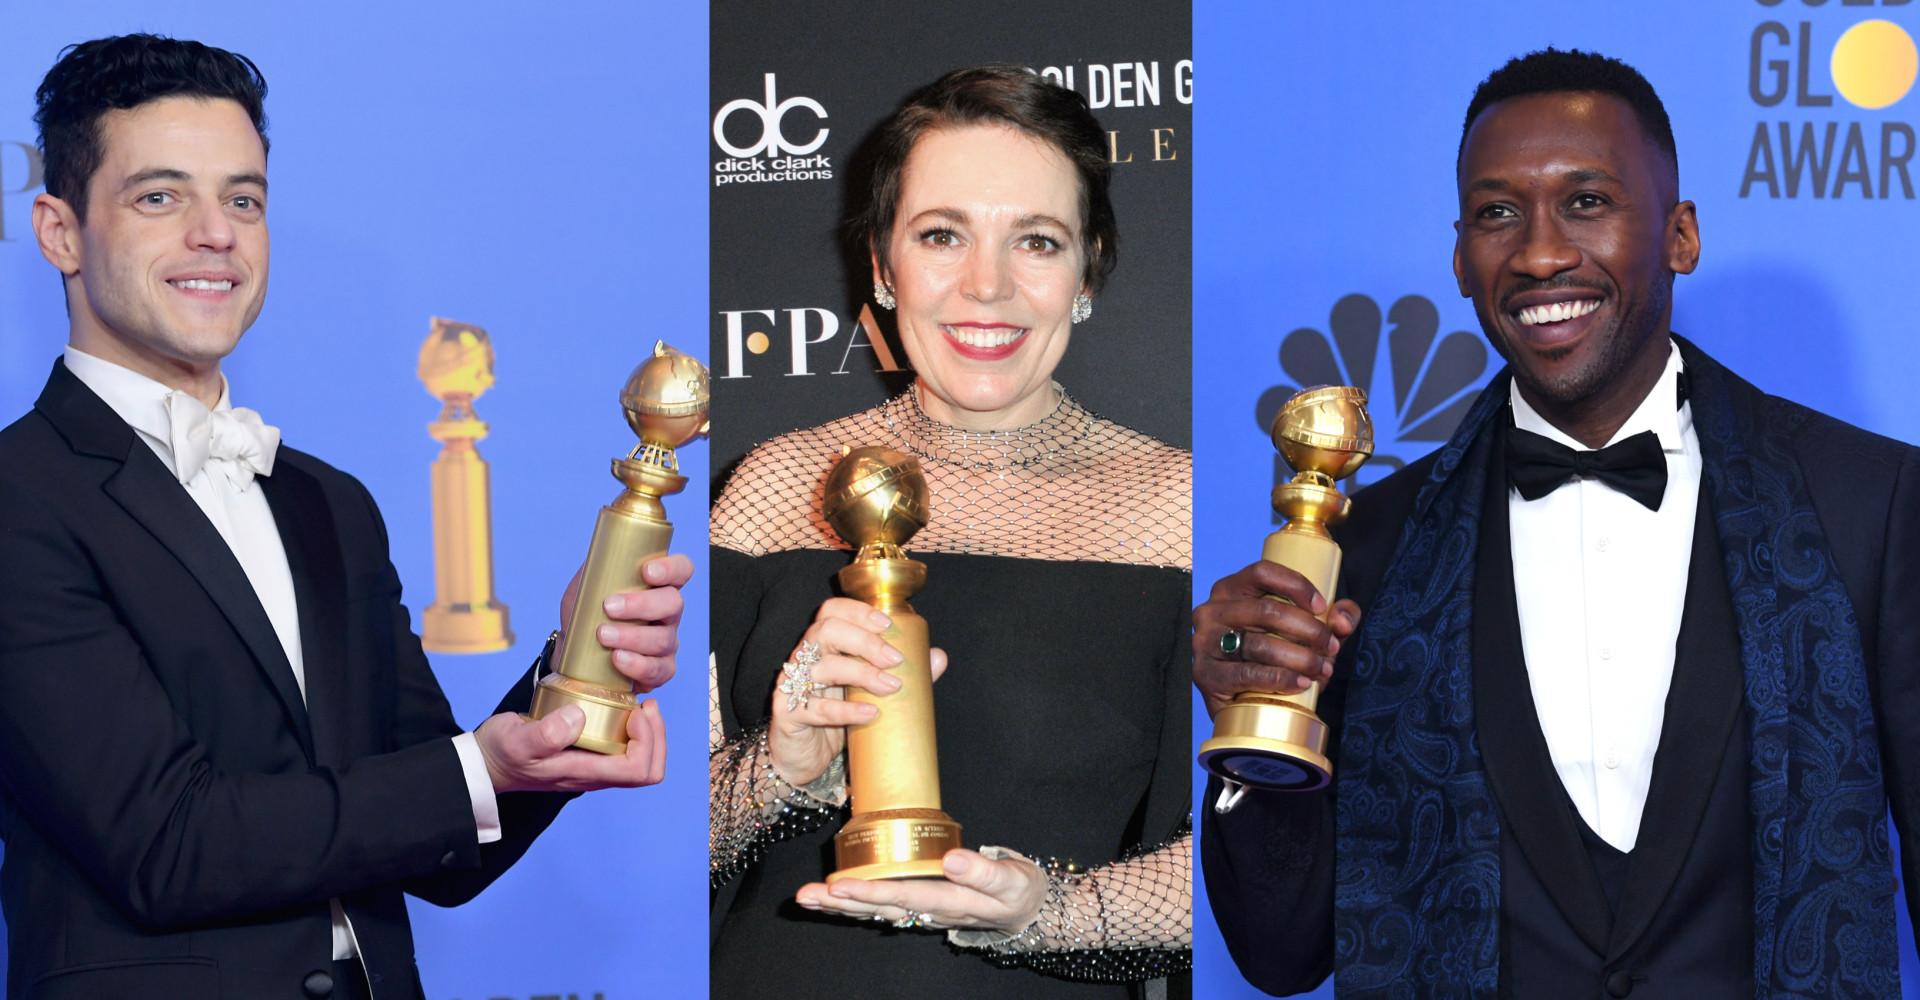 Golden Globe -pystit jaettiin! Voittajien joukossa oli useita HLBT-yhteisön jäseniä